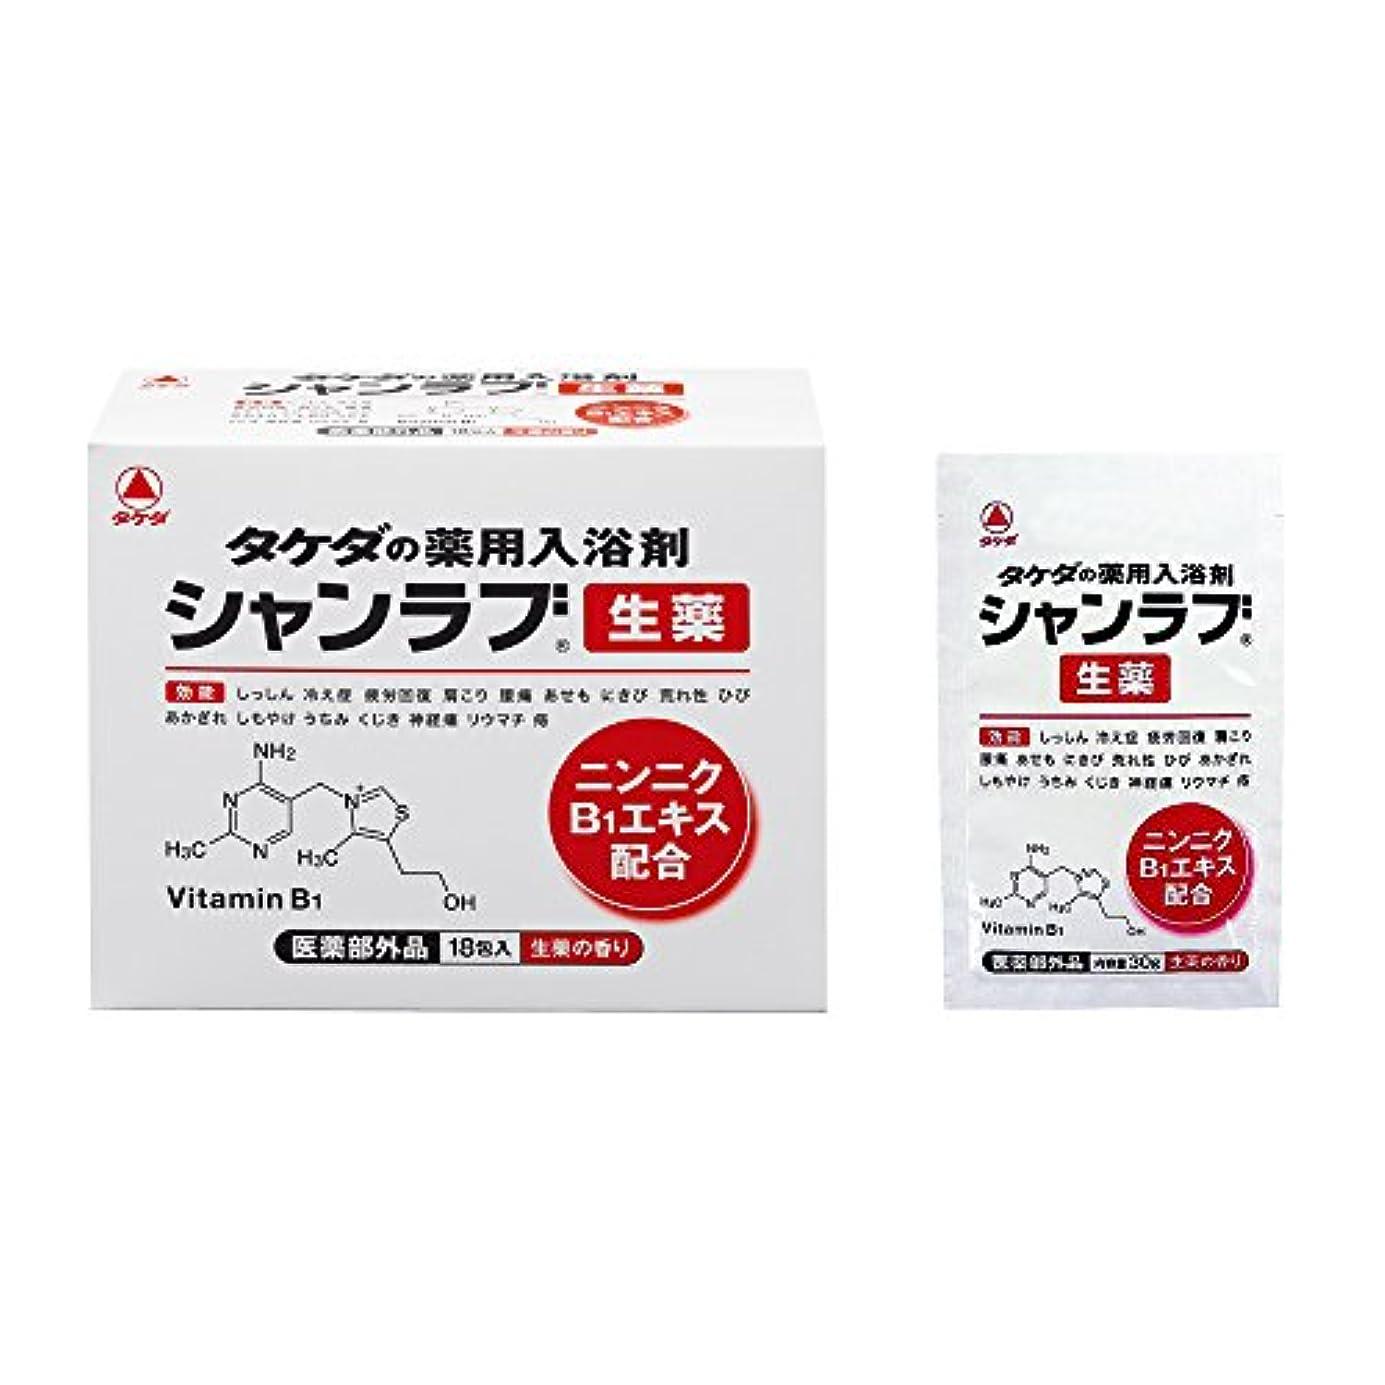 コーン運動サラダ薬用入浴剤 シャンラブ 生薬 18包入 【医薬部外品】